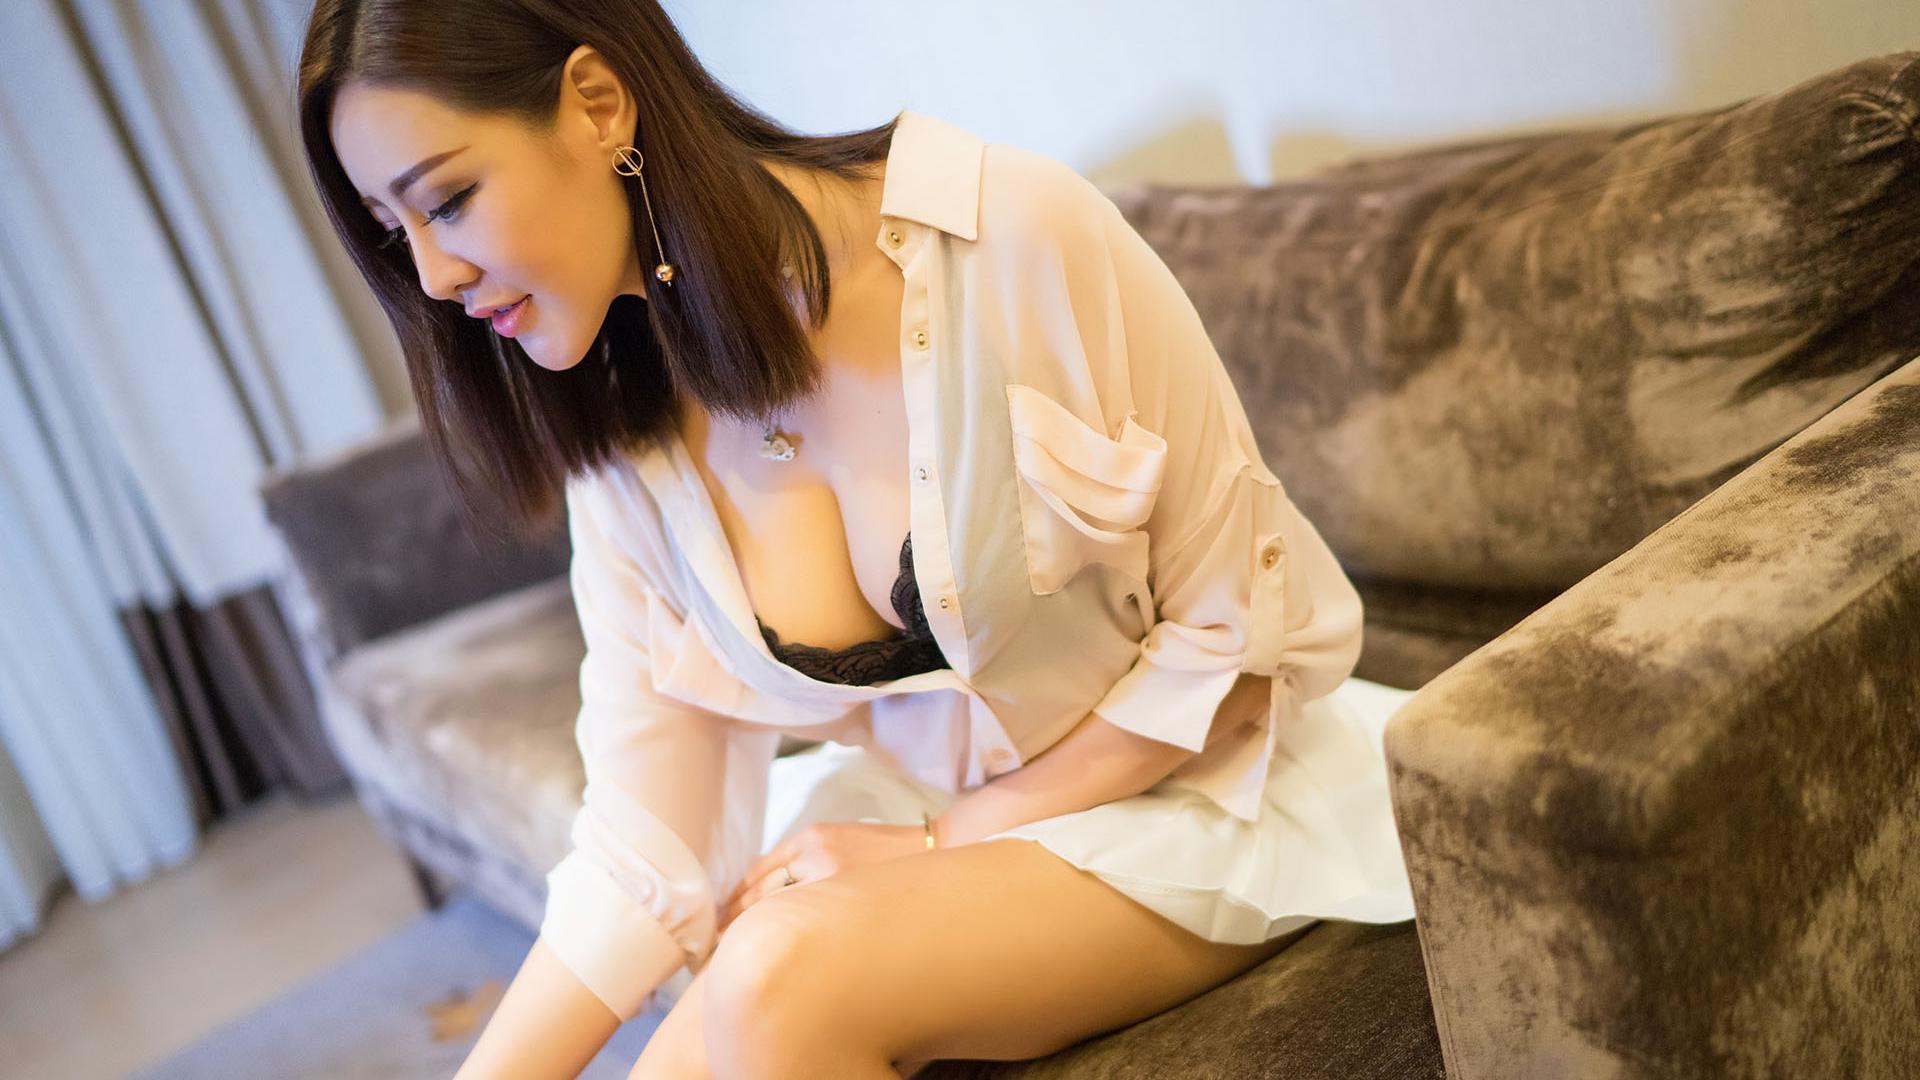 """情圣满枫:约会中做好这3件事, 今晚就能享受""""幸福"""""""